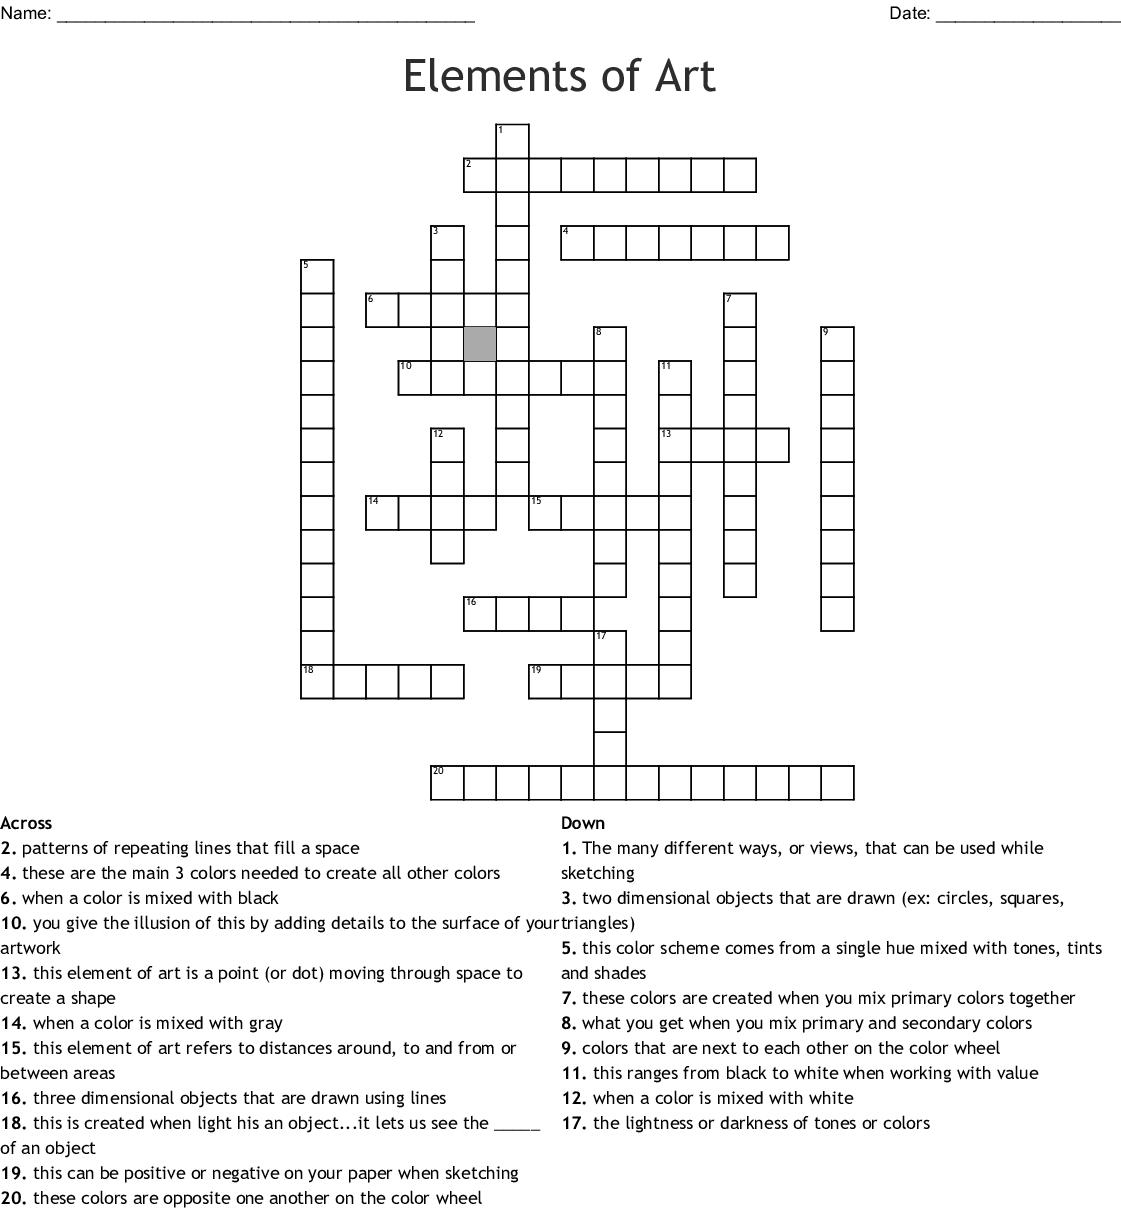 Elements Of Art Crossword